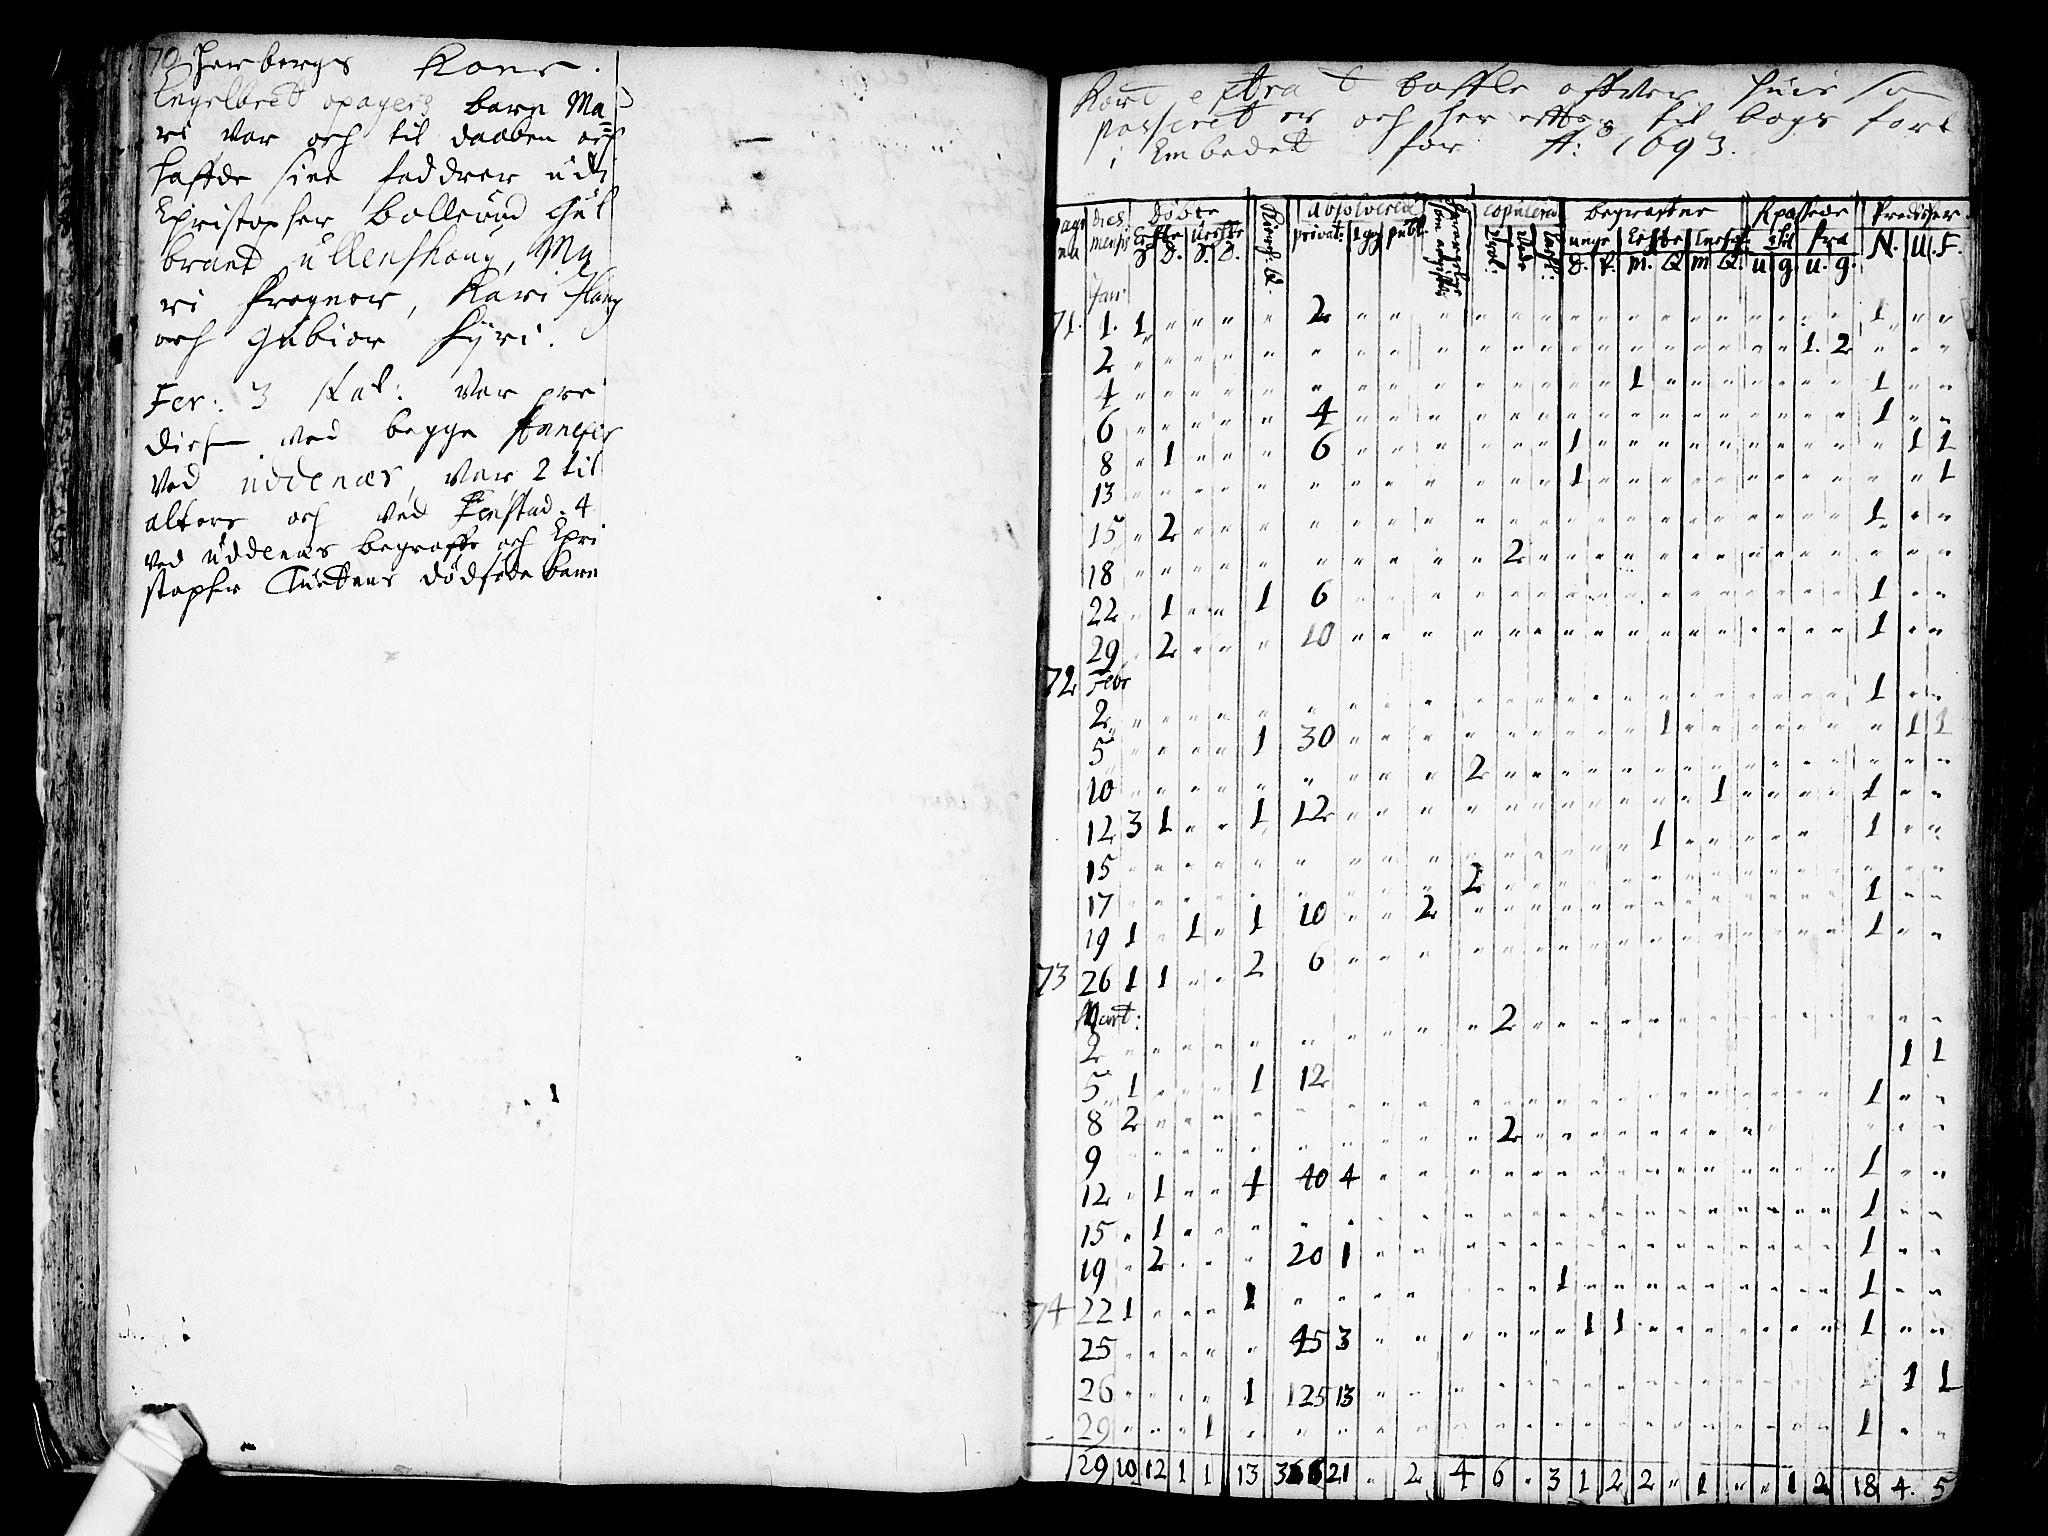 SAO, Nes prestekontor Kirkebøker, F/Fa/L0001: Ministerialbok nr. I 1, 1689-1716, s. 70a-70b